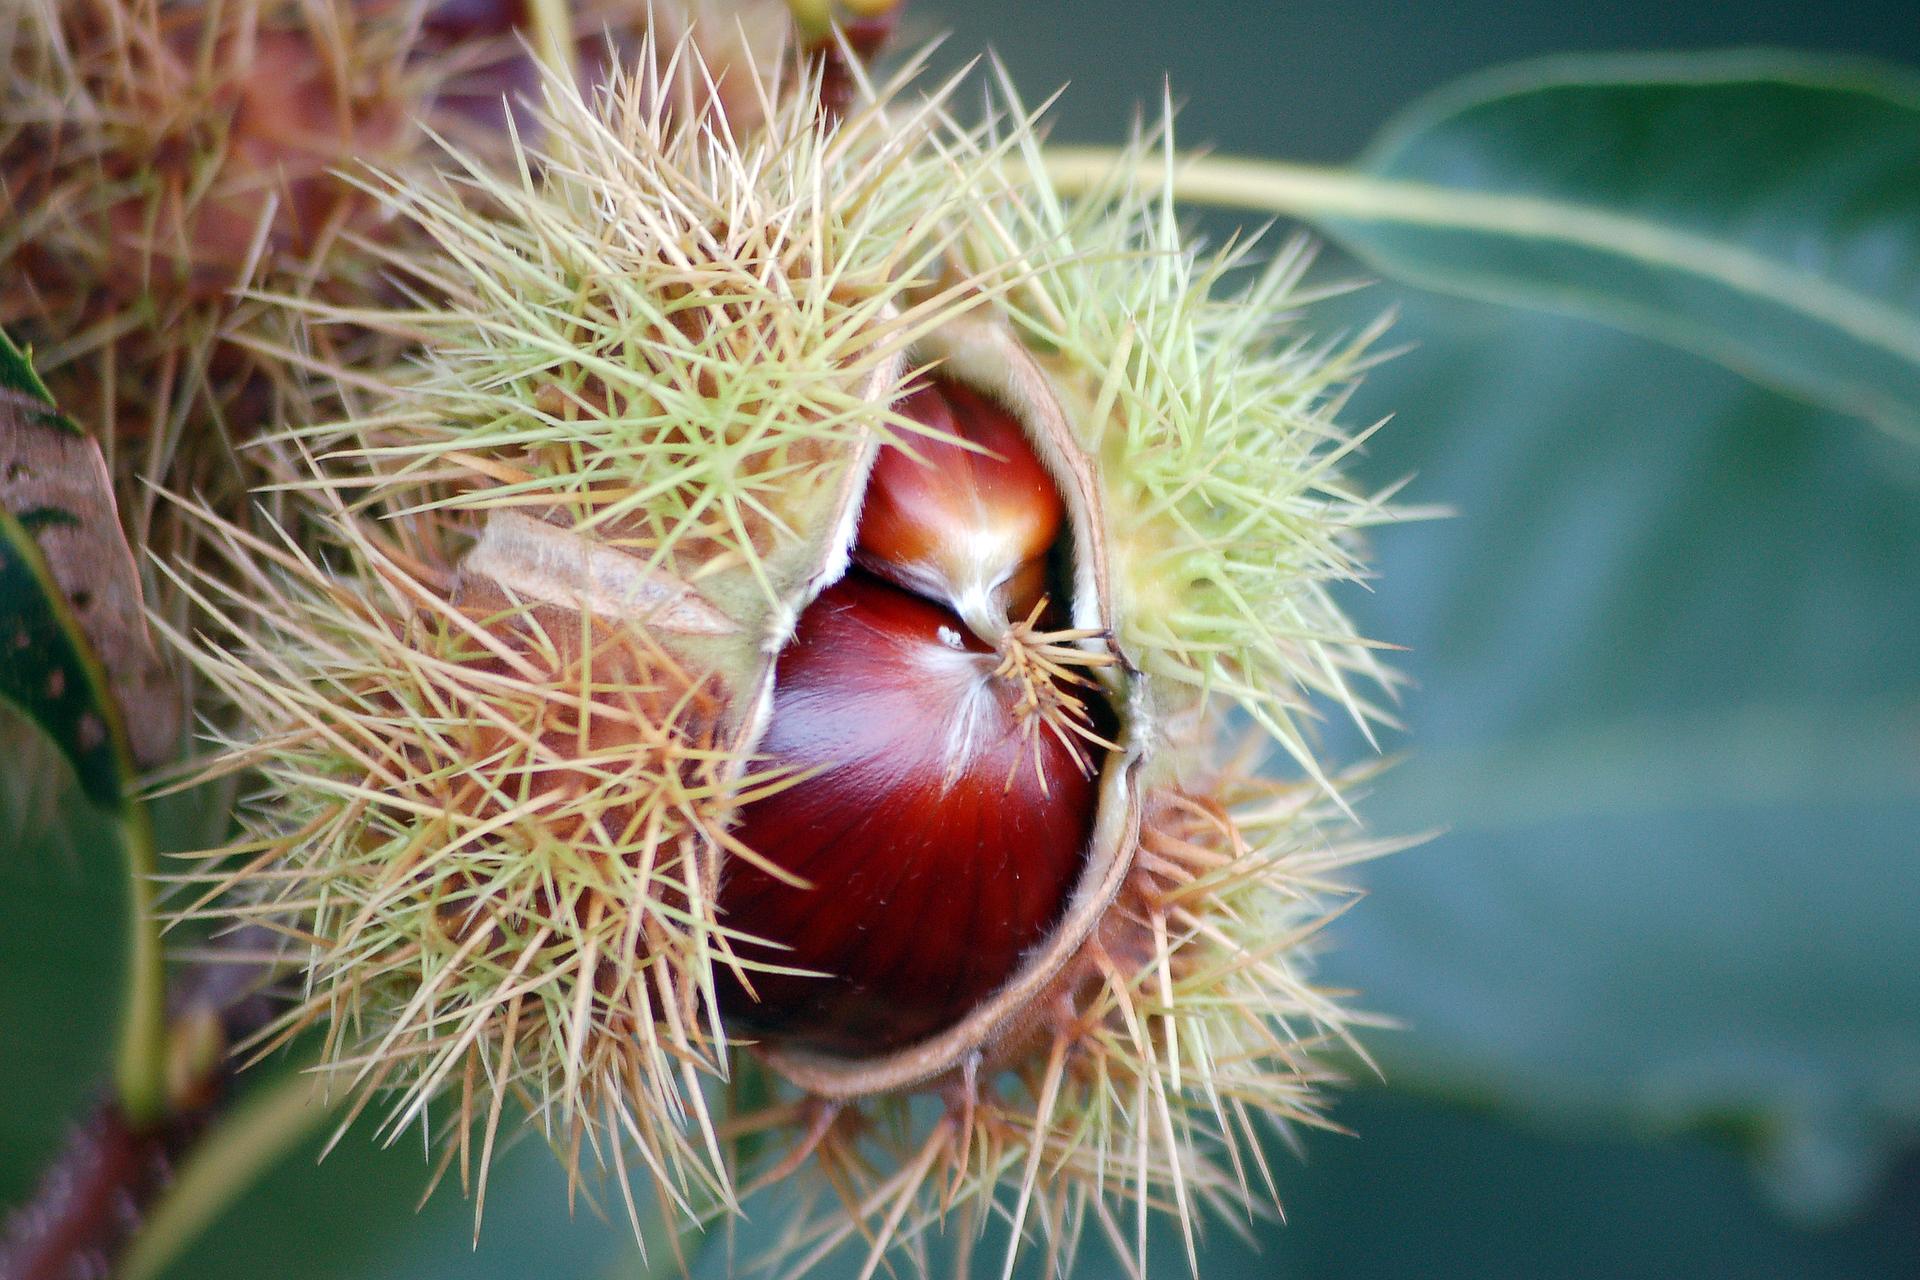 Fotografia przedstawia wzbliżeniu brązowe owoce kasztana jadalnego. Są okryte łupiną zlicznymi, białymi, długimi kolcami.